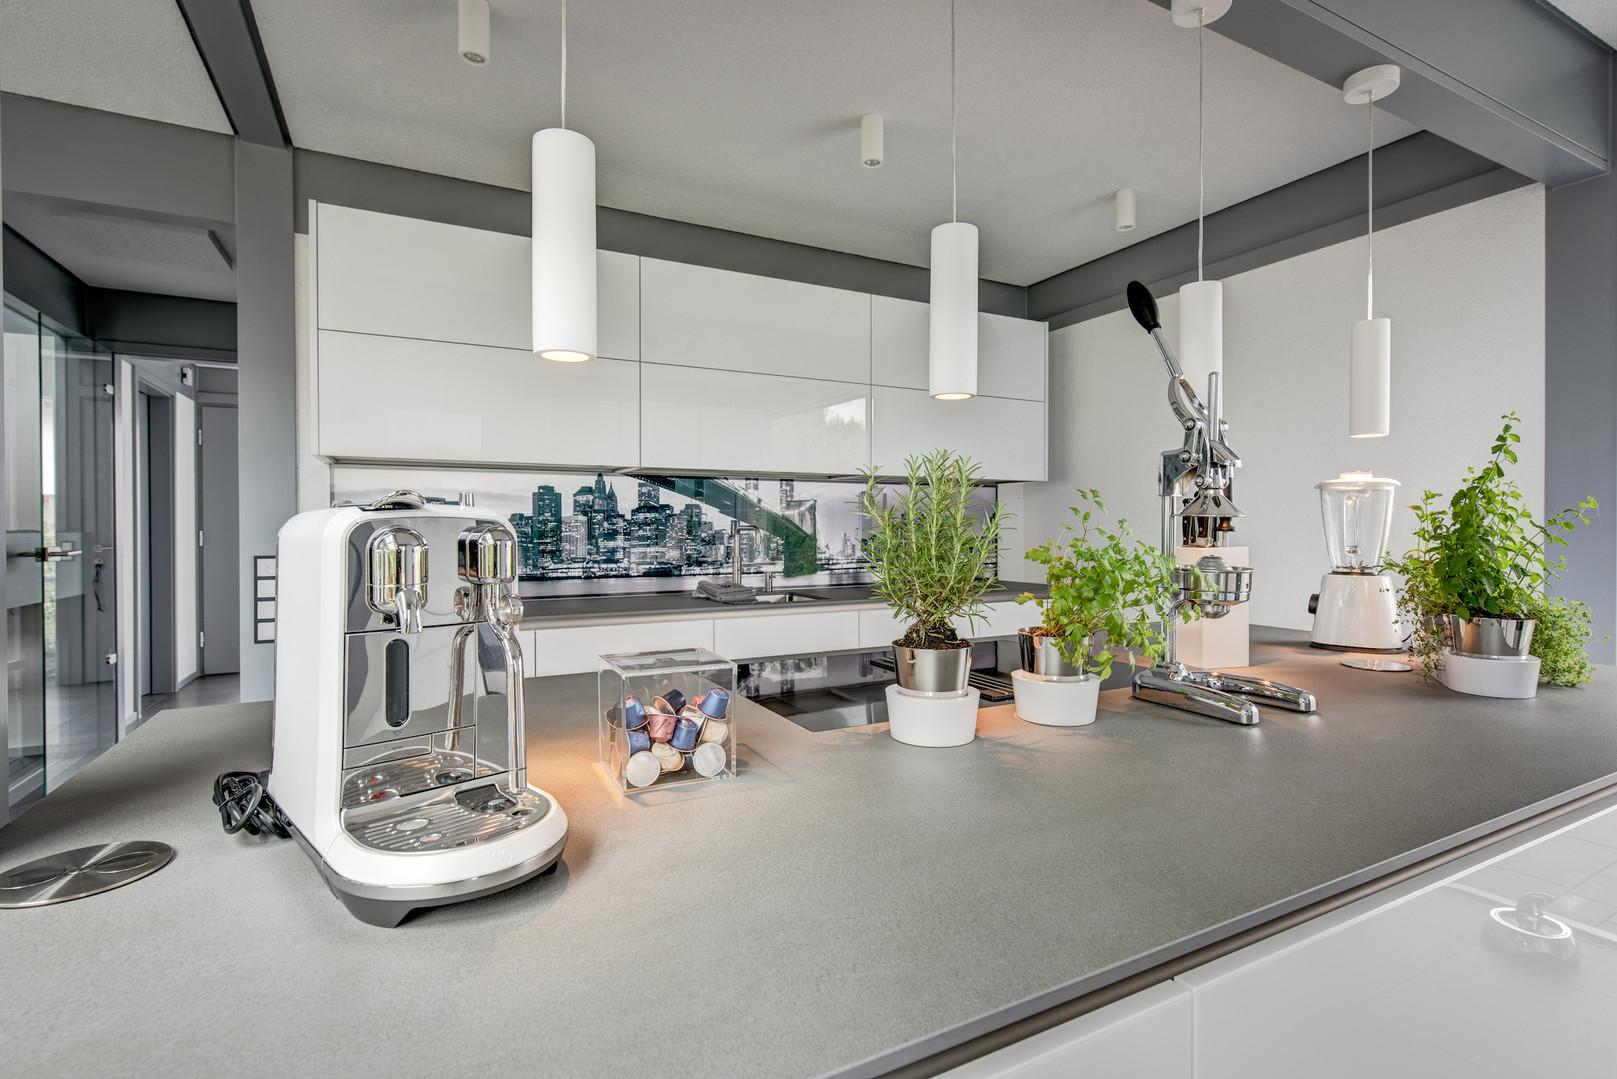 Küchenstudio-Braun_2020-06-05_13-13-08.j